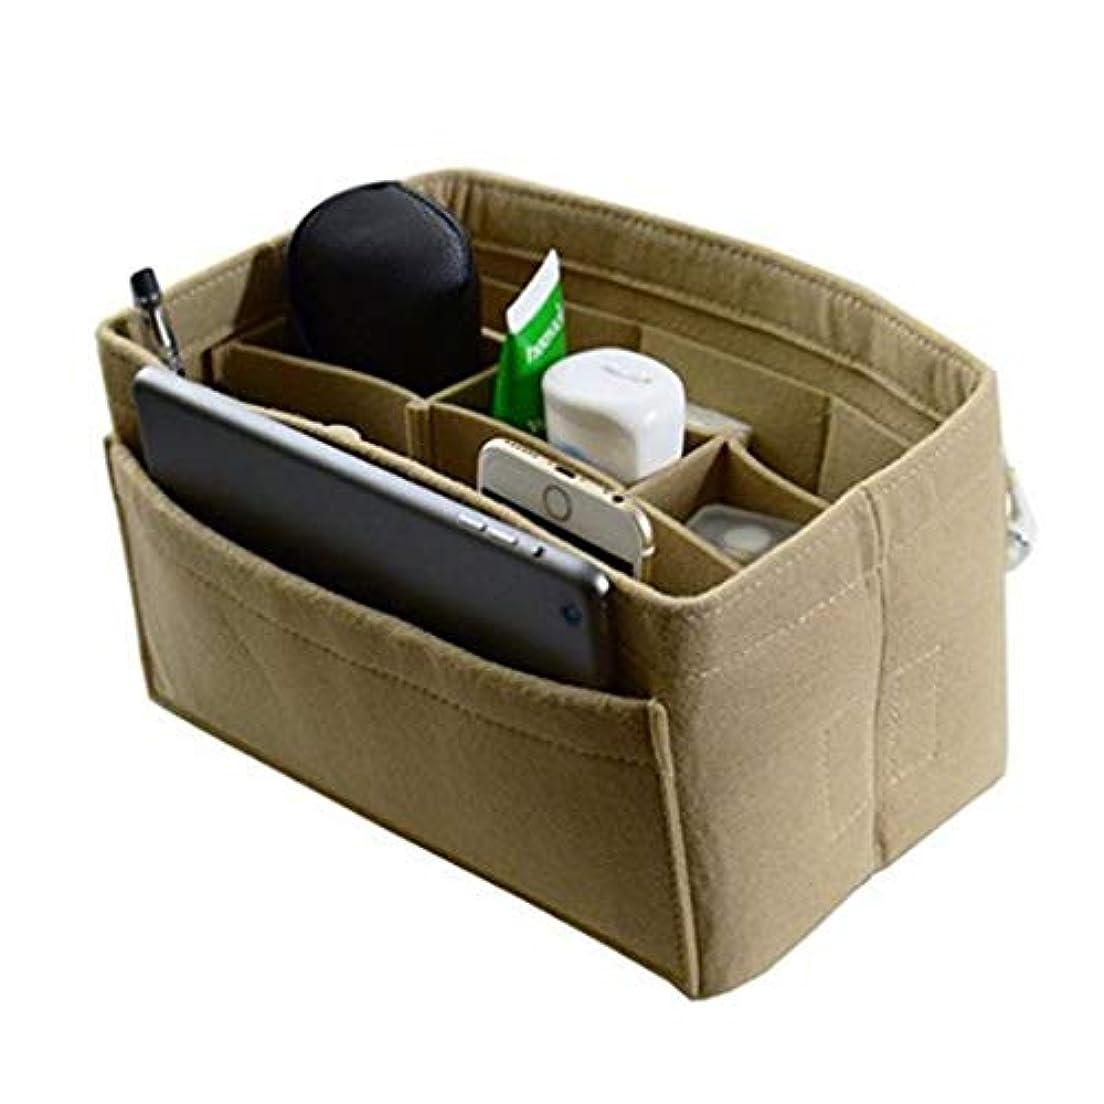 身元禁止する口実JIOLK バッグインバッグ 軽量 フェルト収納ボックス 収納力抜群 インナーバッグ メイクバッグ 自立できる 分類ケース 日常小物収納 大容量 多機能 化粧ポーチ 仕分け